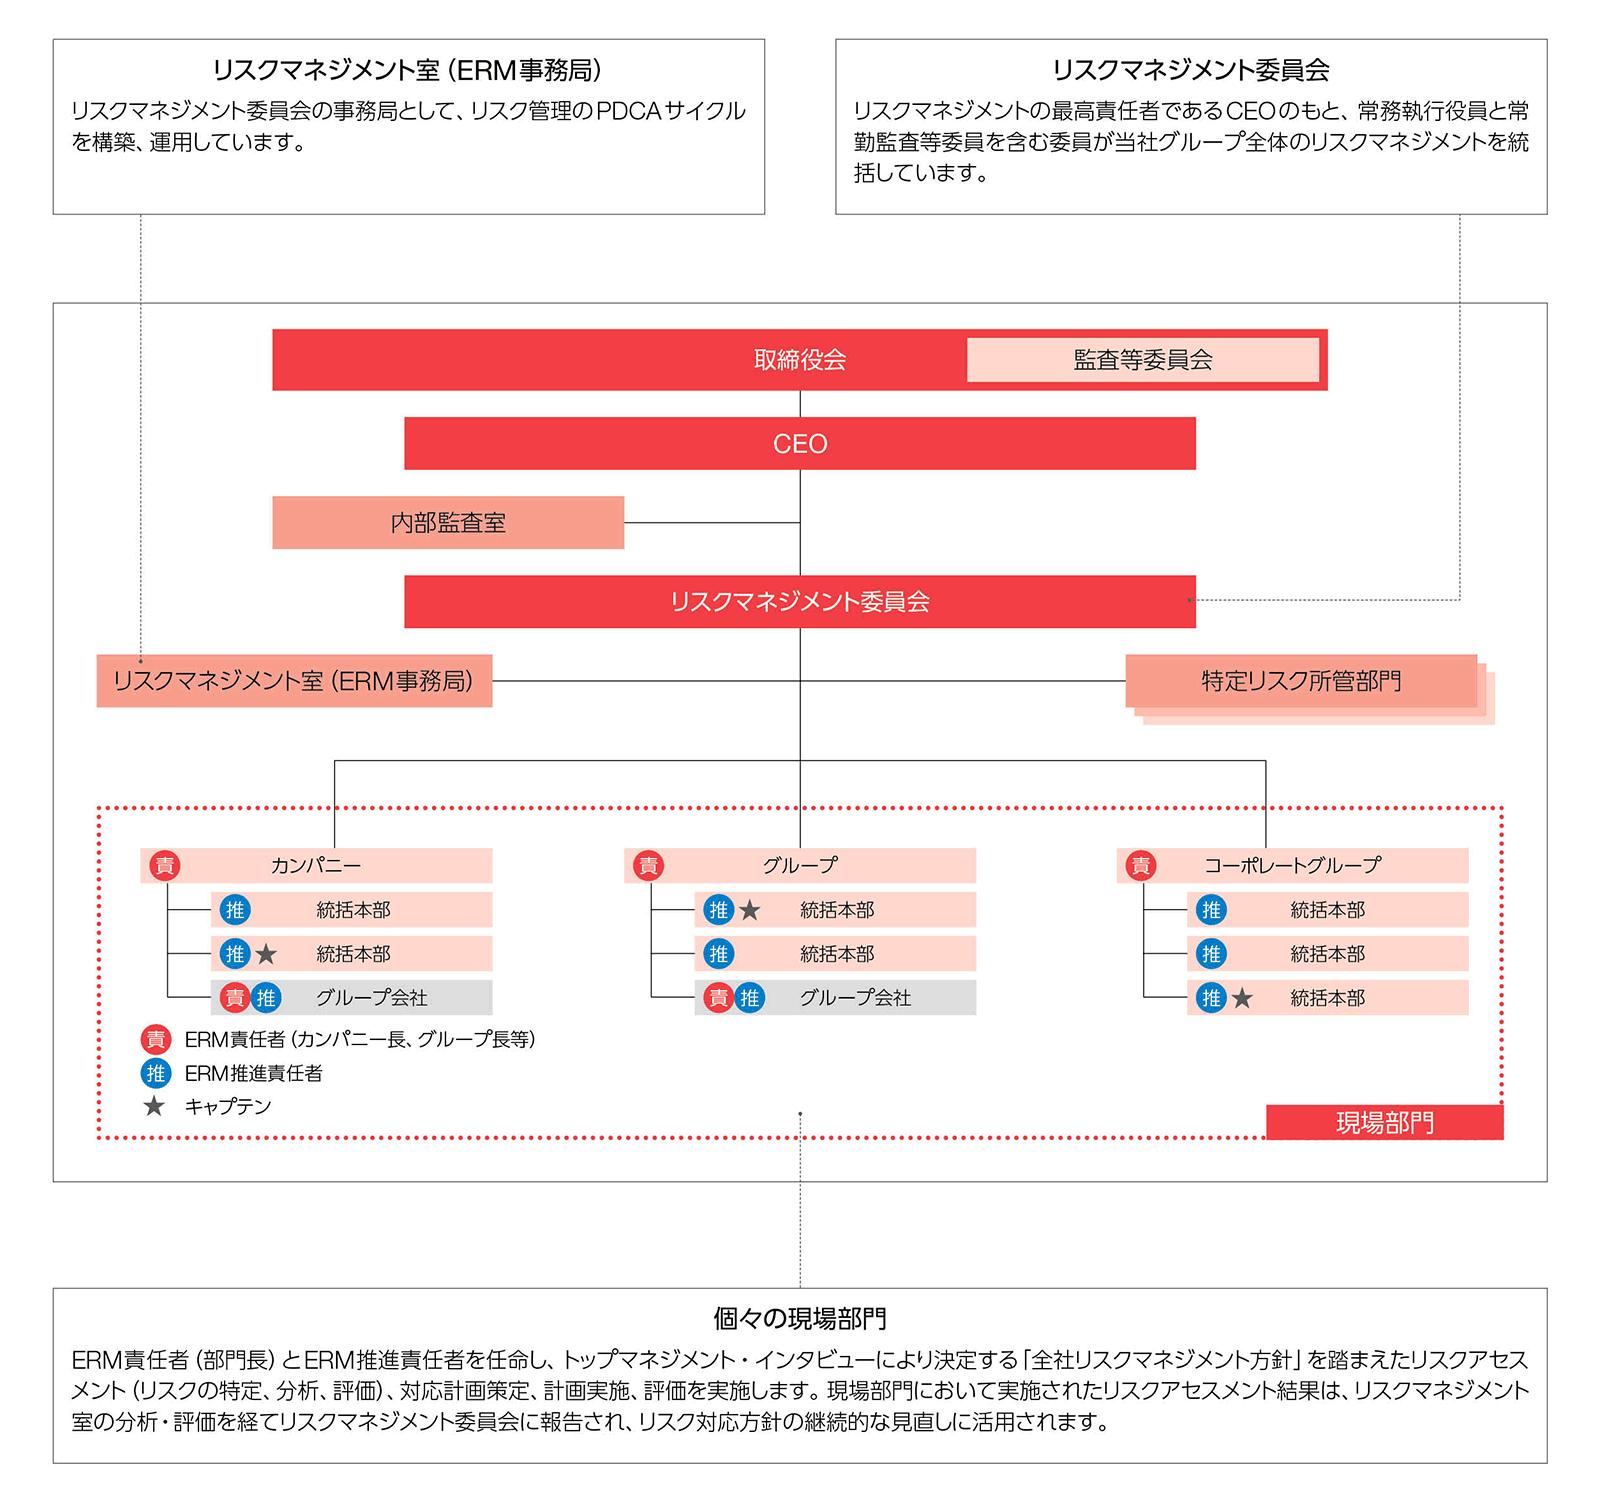 ヤフーのERMプロセス図。